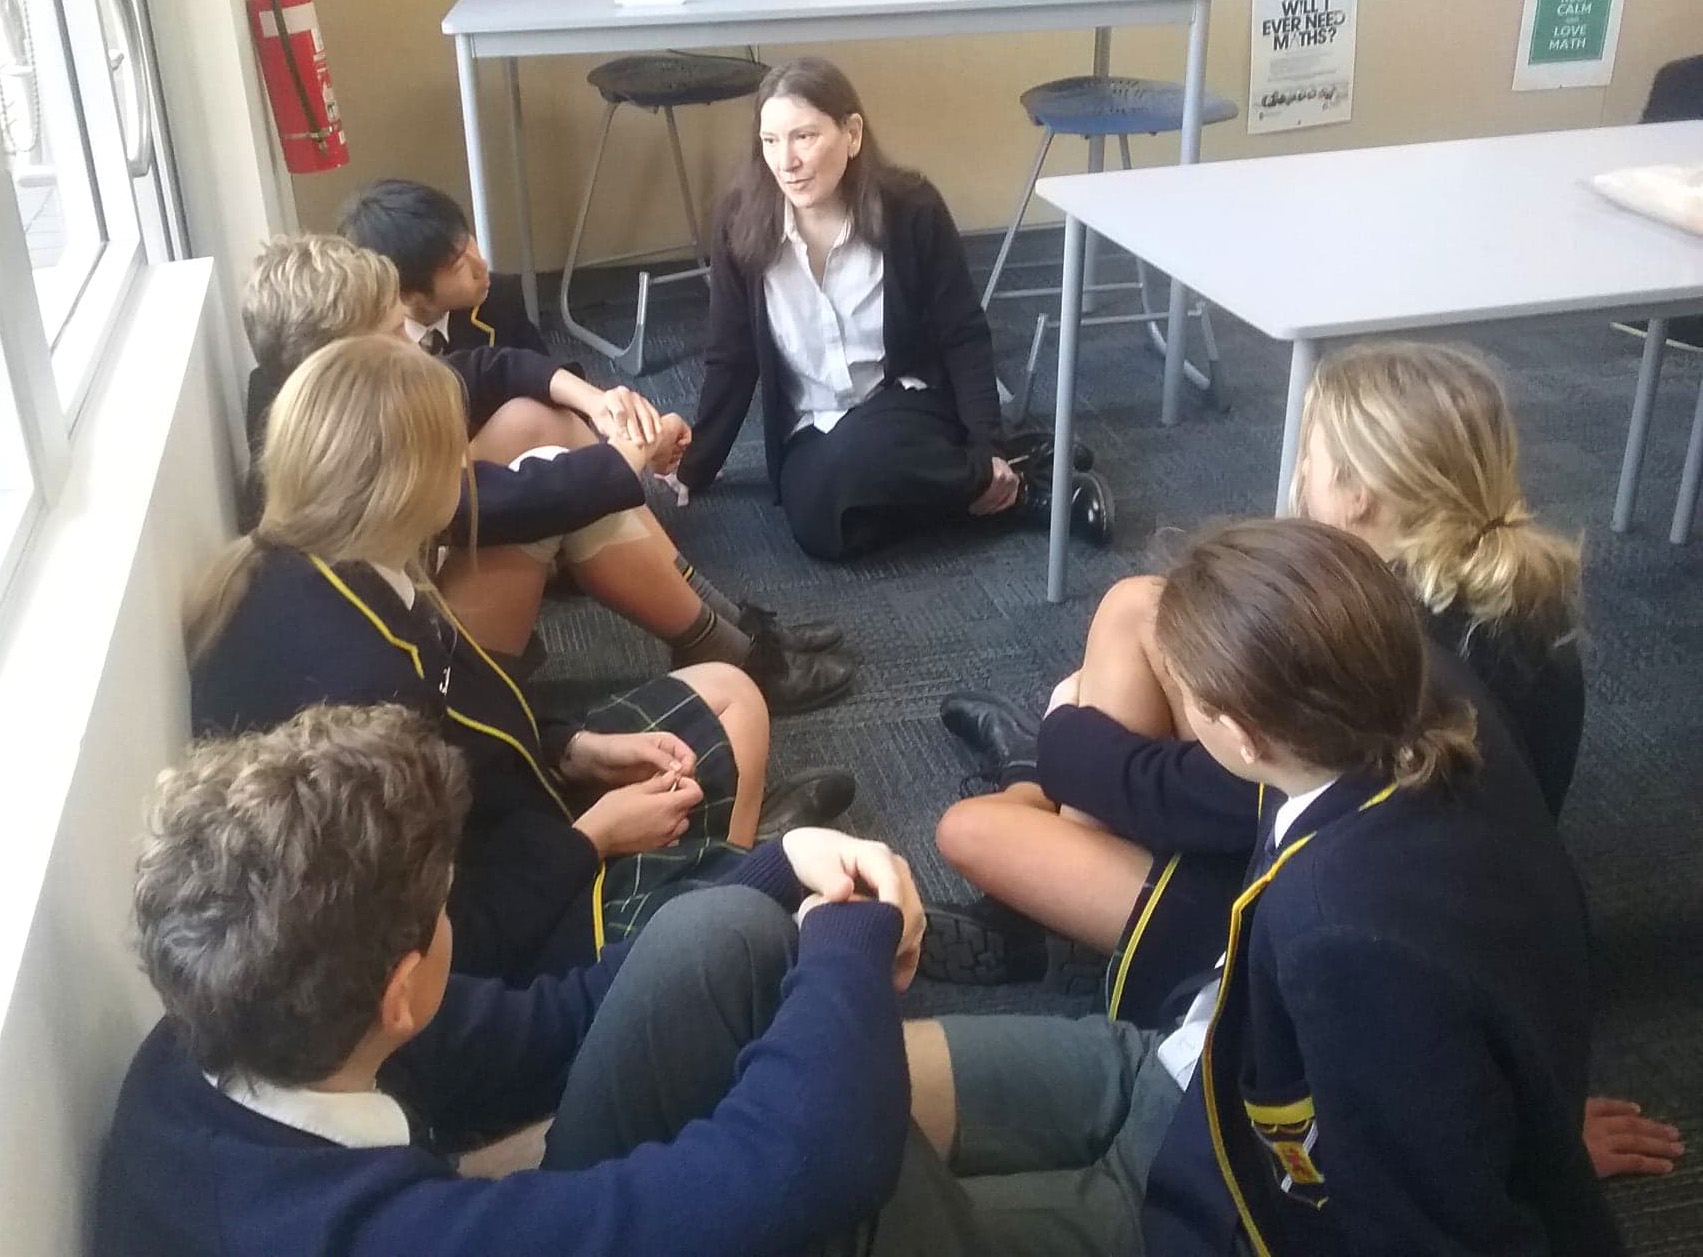 Rachel discussing cultural assumptions